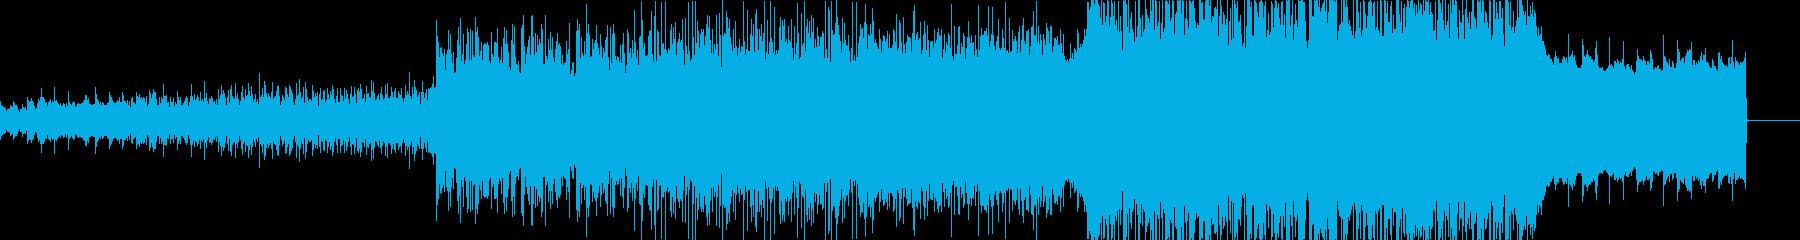 切ないシネマティックなエレクトロの再生済みの波形